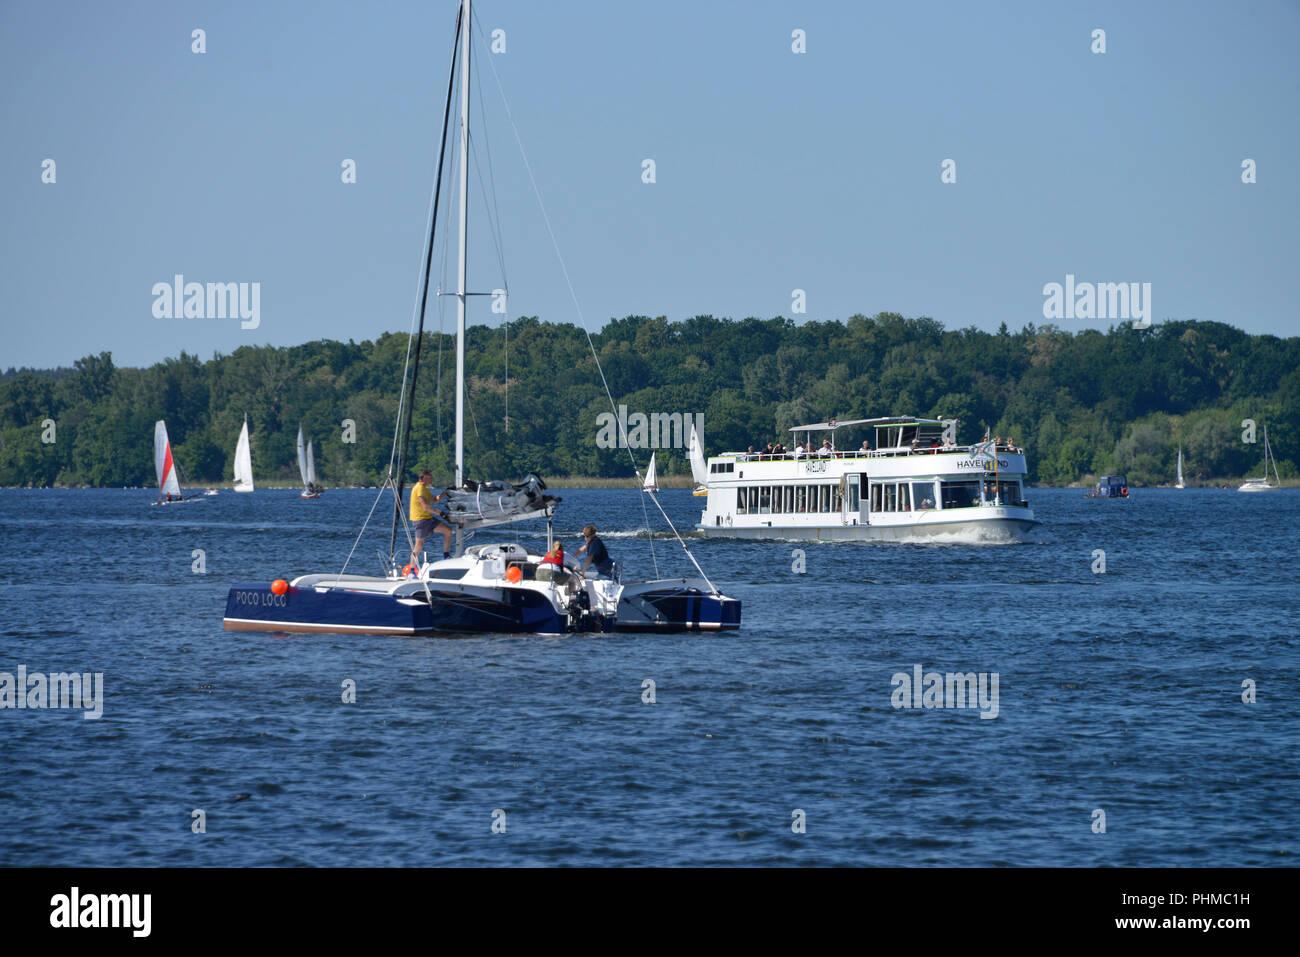 Segelboot Dampfer Wannsee, Berlin, Deutschland - Stock Image